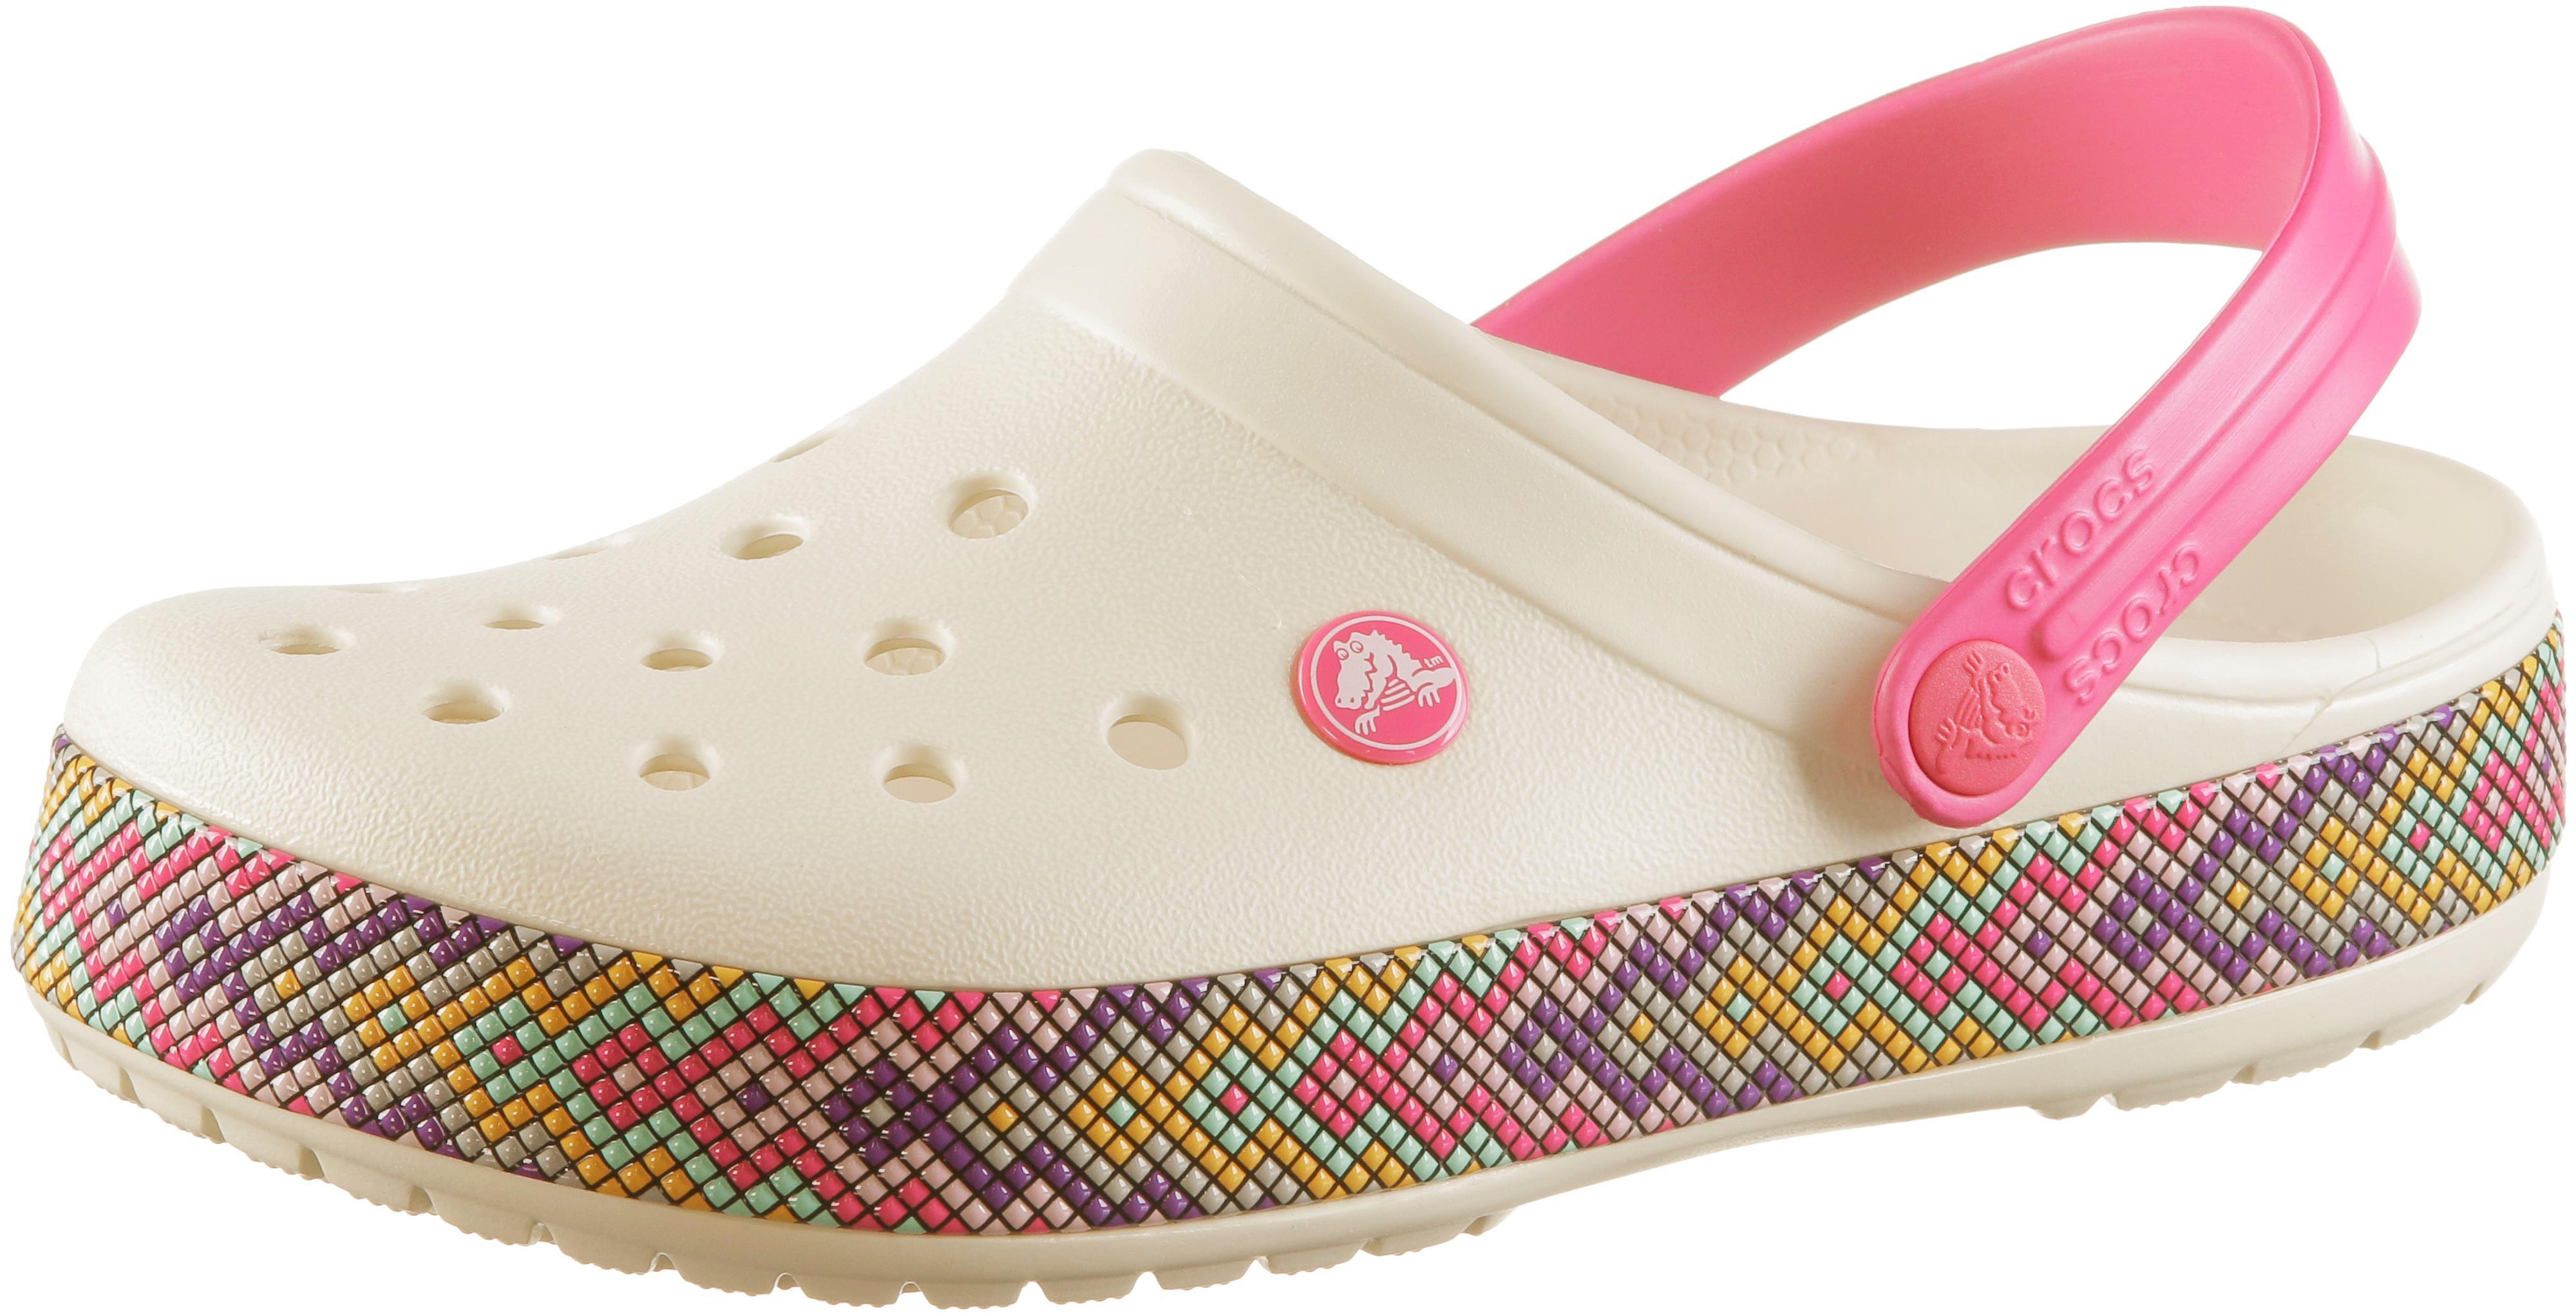 low priced da67e 8d333 Crocs Crocband Gallery Badelatschen Damen oyster im Online Shop von  SportScheck kaufen